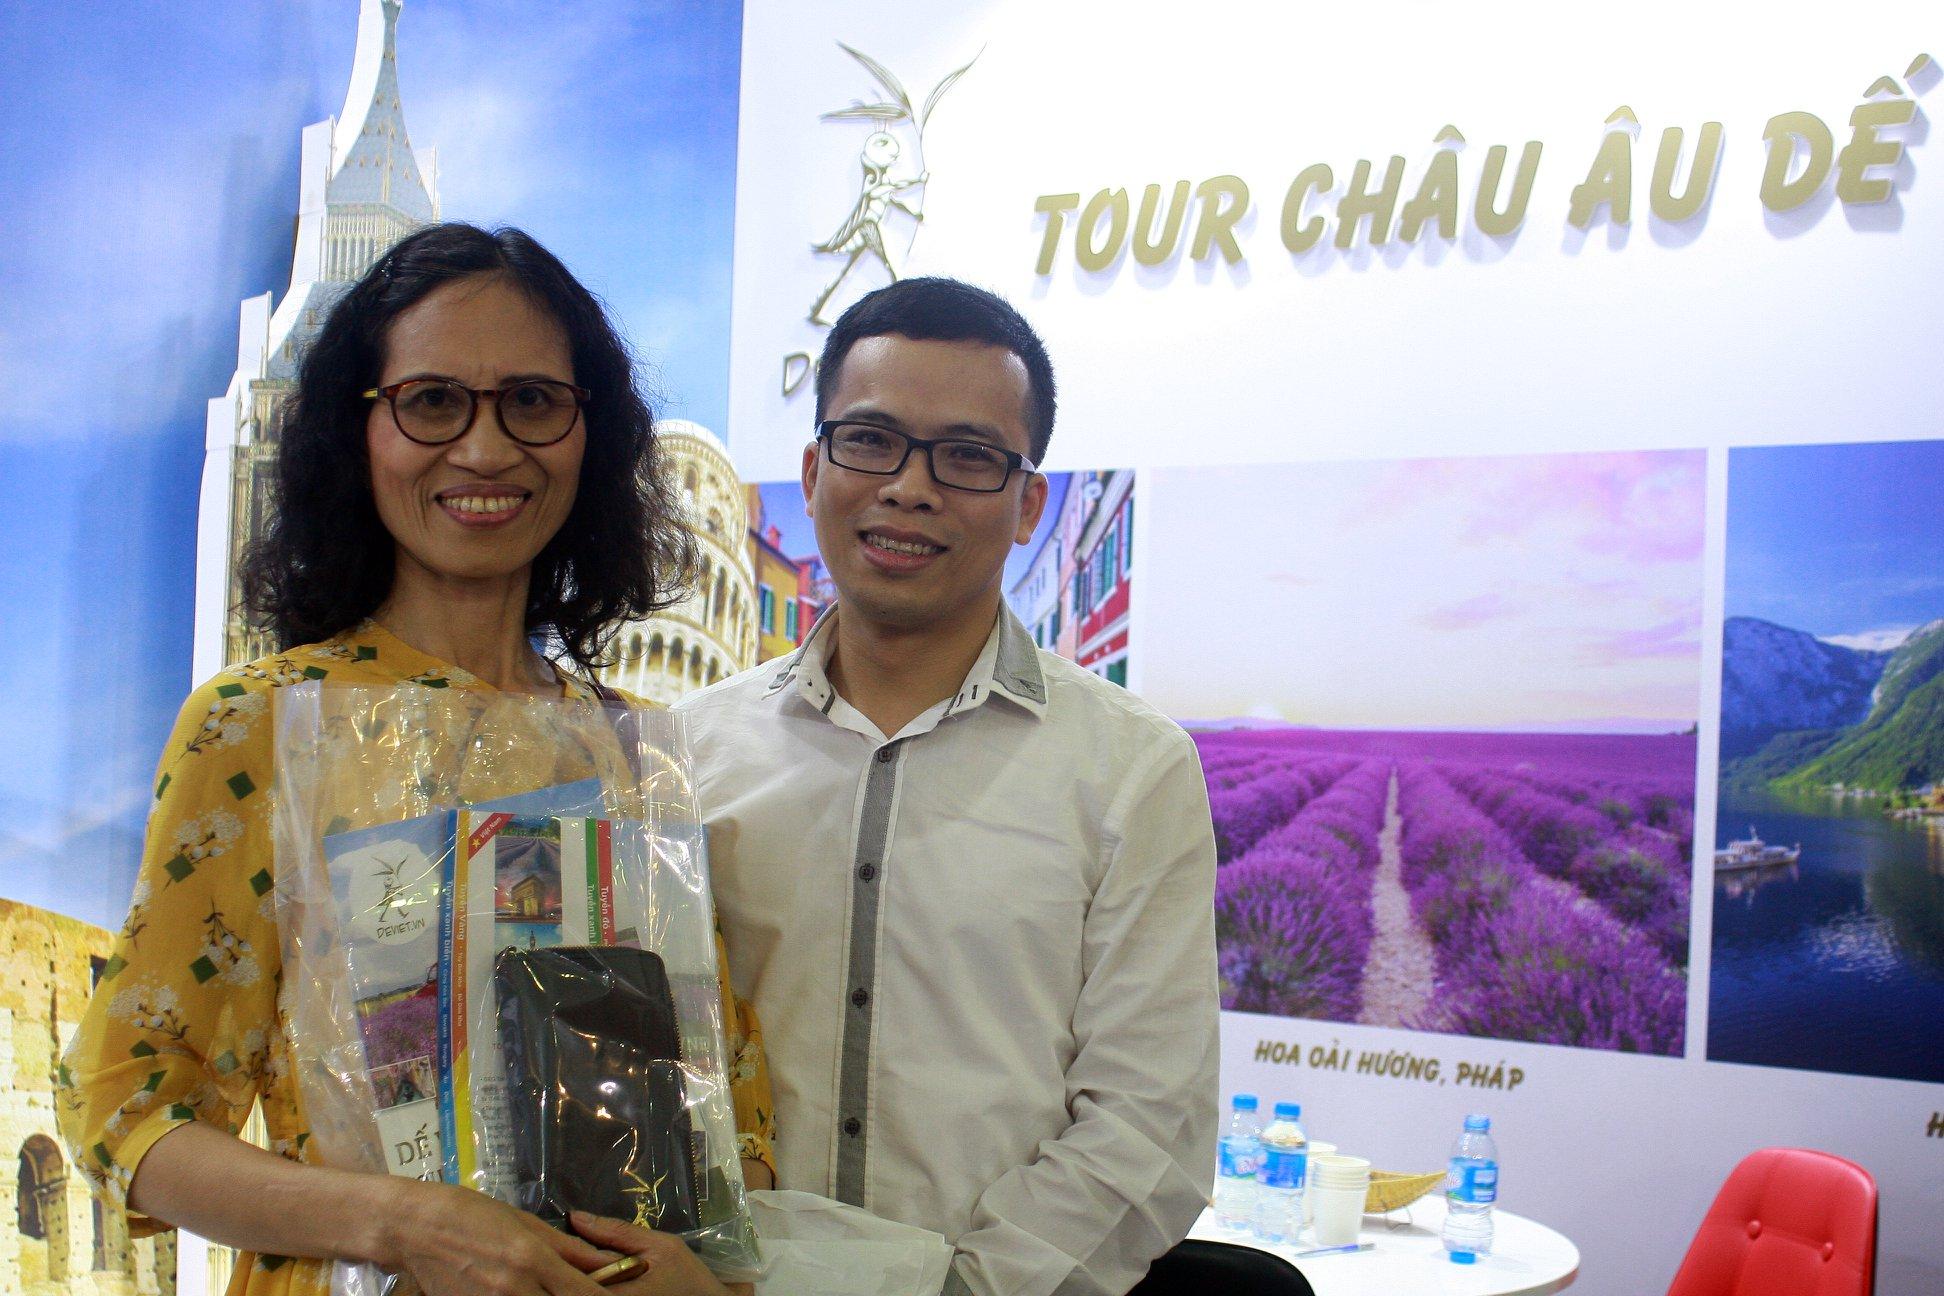 Niềm vui khi nhận được những món quà từ Dế Việt